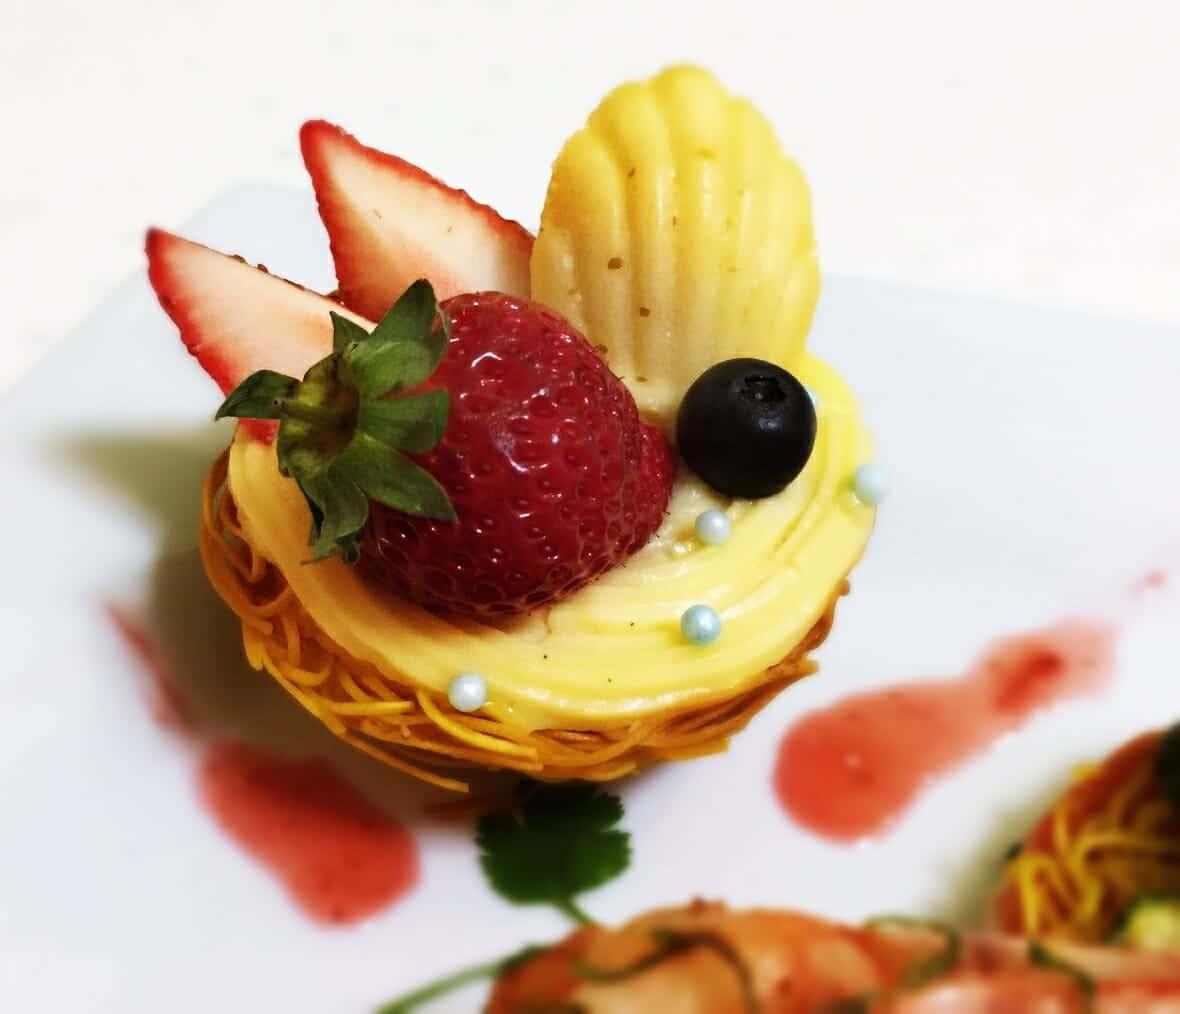 薑黃麵線料理食譜-薑黃麵線卡士達草莓塔 - 1